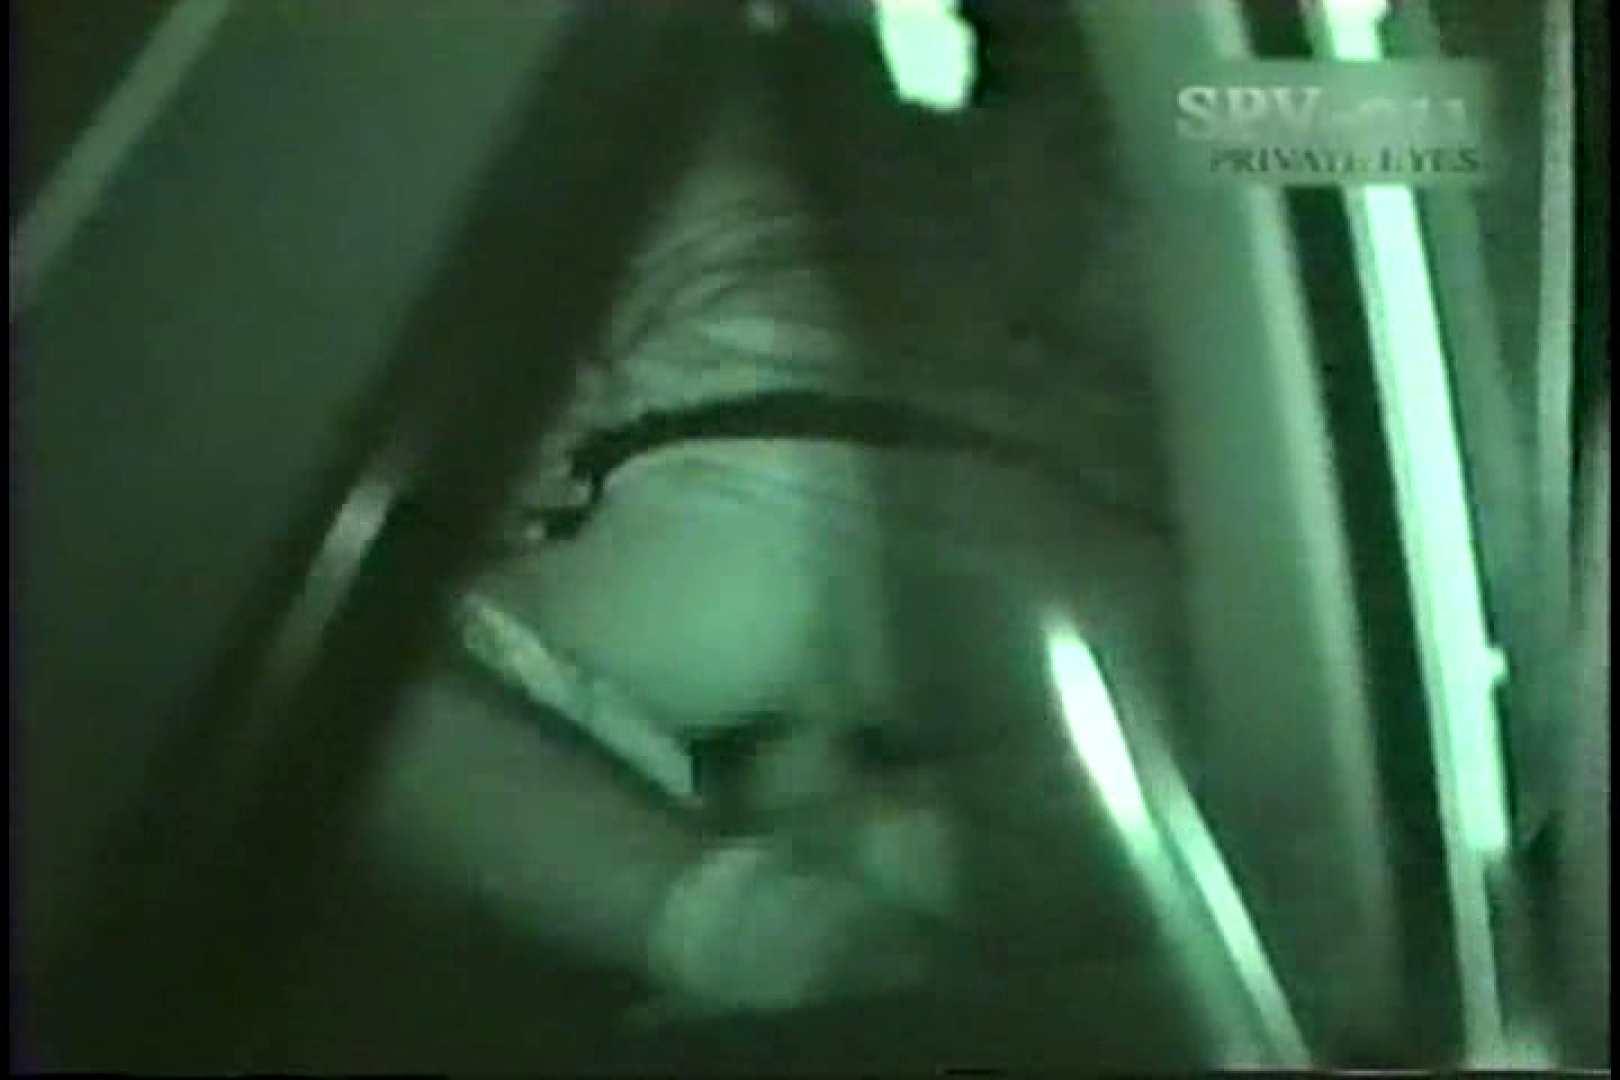 高画質版!SPD-011 盗撮 カーセックス黙示録 (VHS) プライベート セックス画像 94連発 4